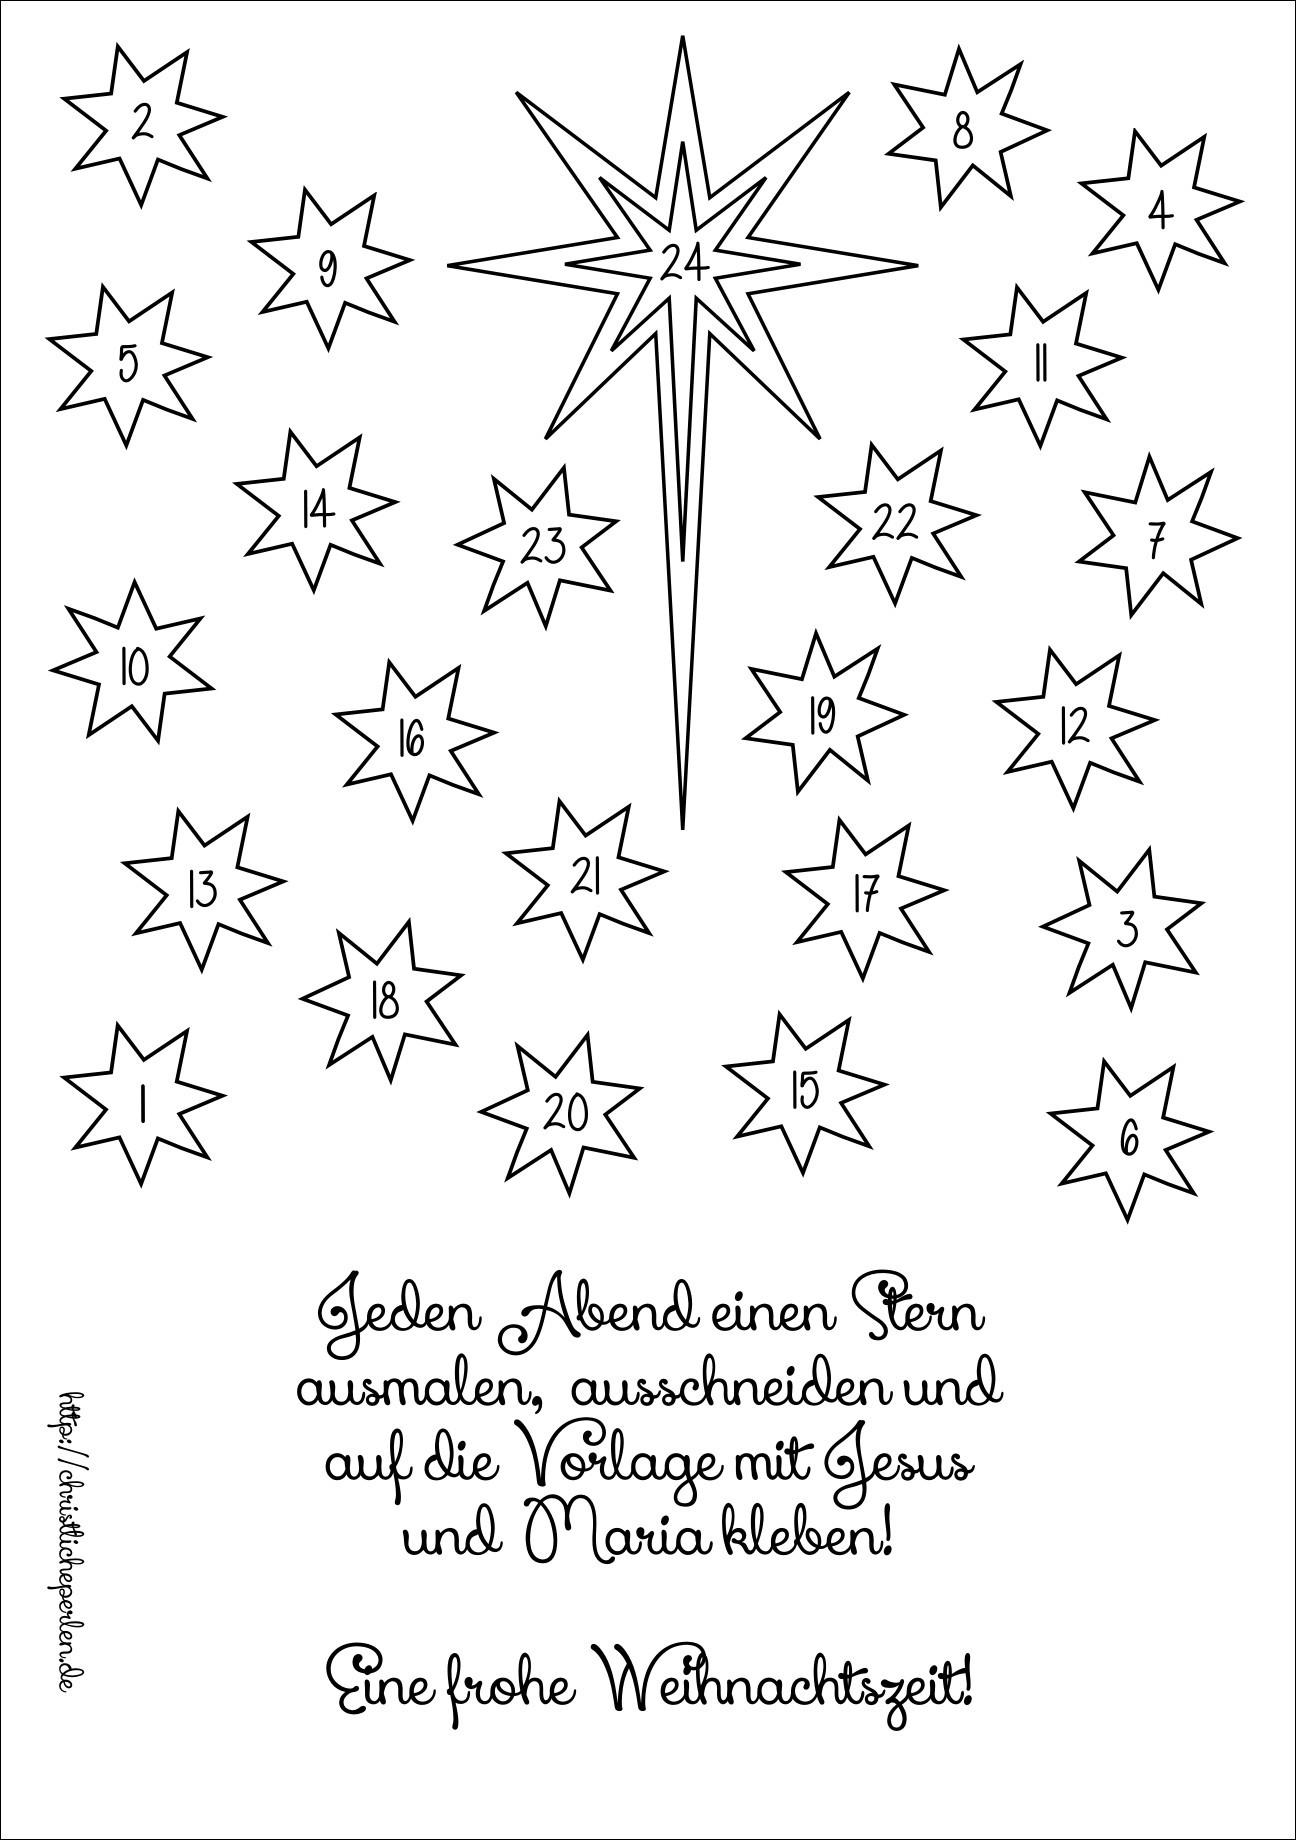 Frohe Ostern Bilder Zum Ausmalen Das Beste Von Frohe Ostern Ausmalbild Vorstellung Ausmalbilder Ostern Kostenlos Galerie